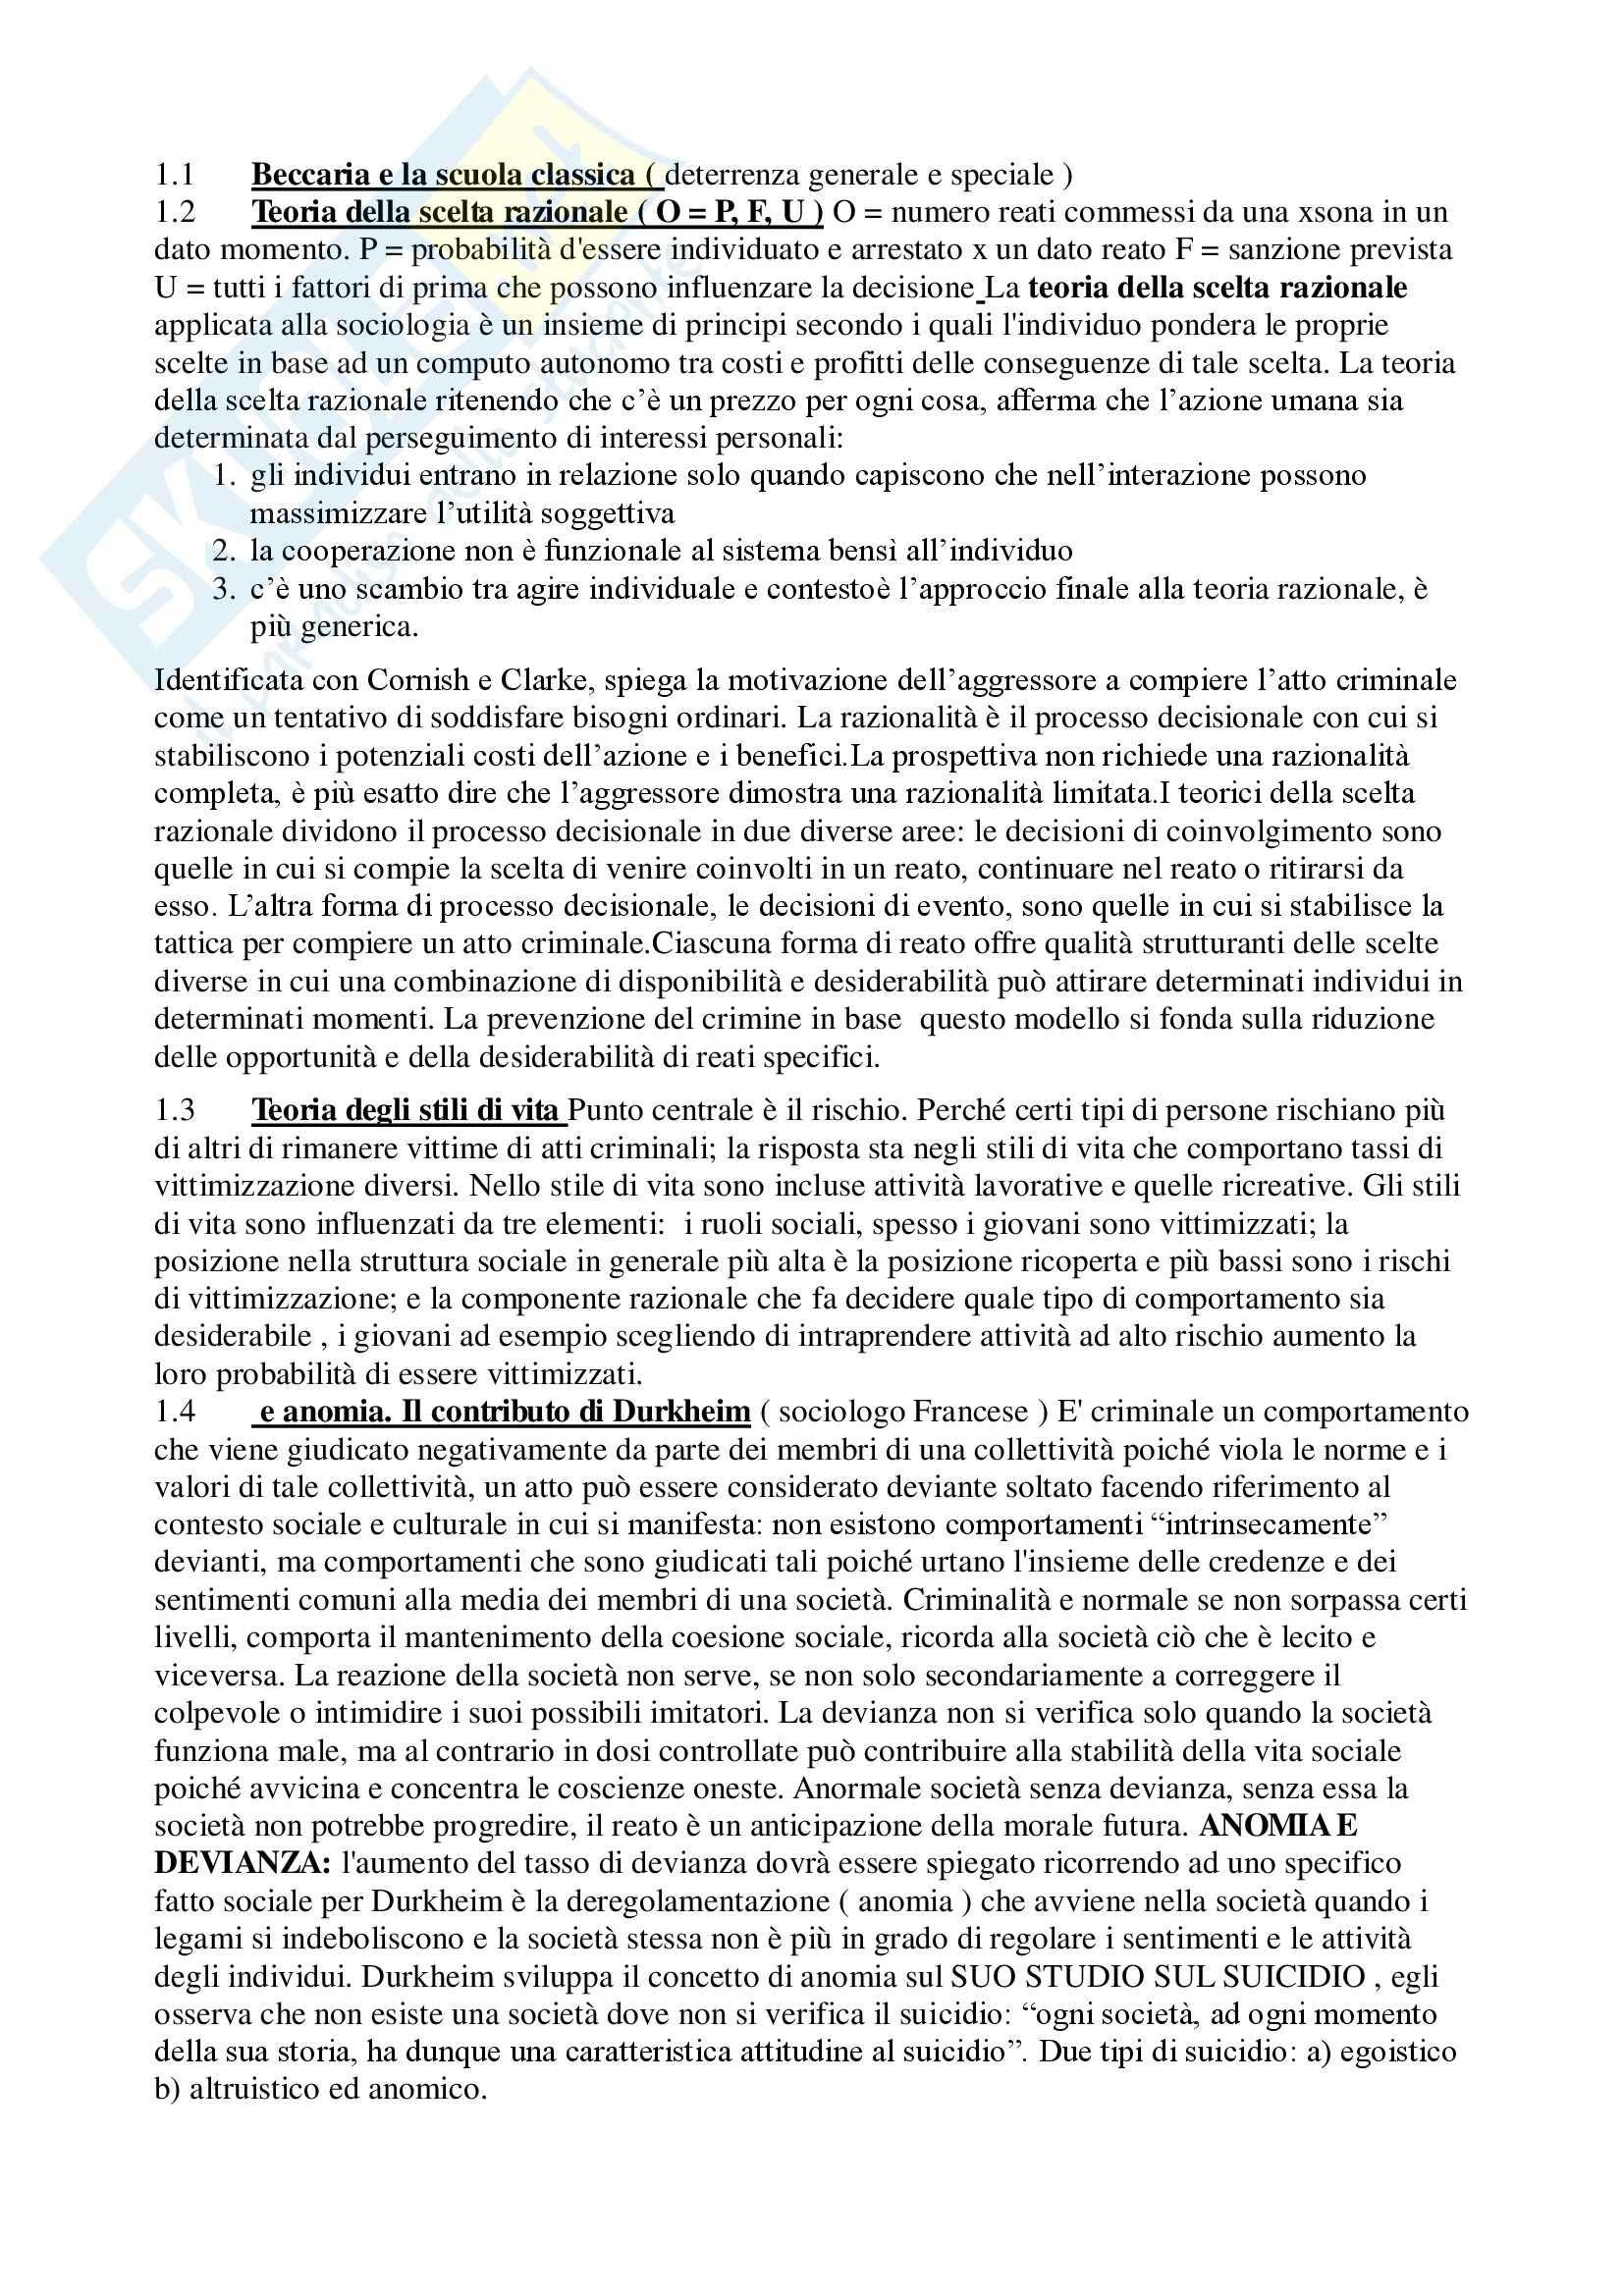 Sociologia della devianza - Appunti